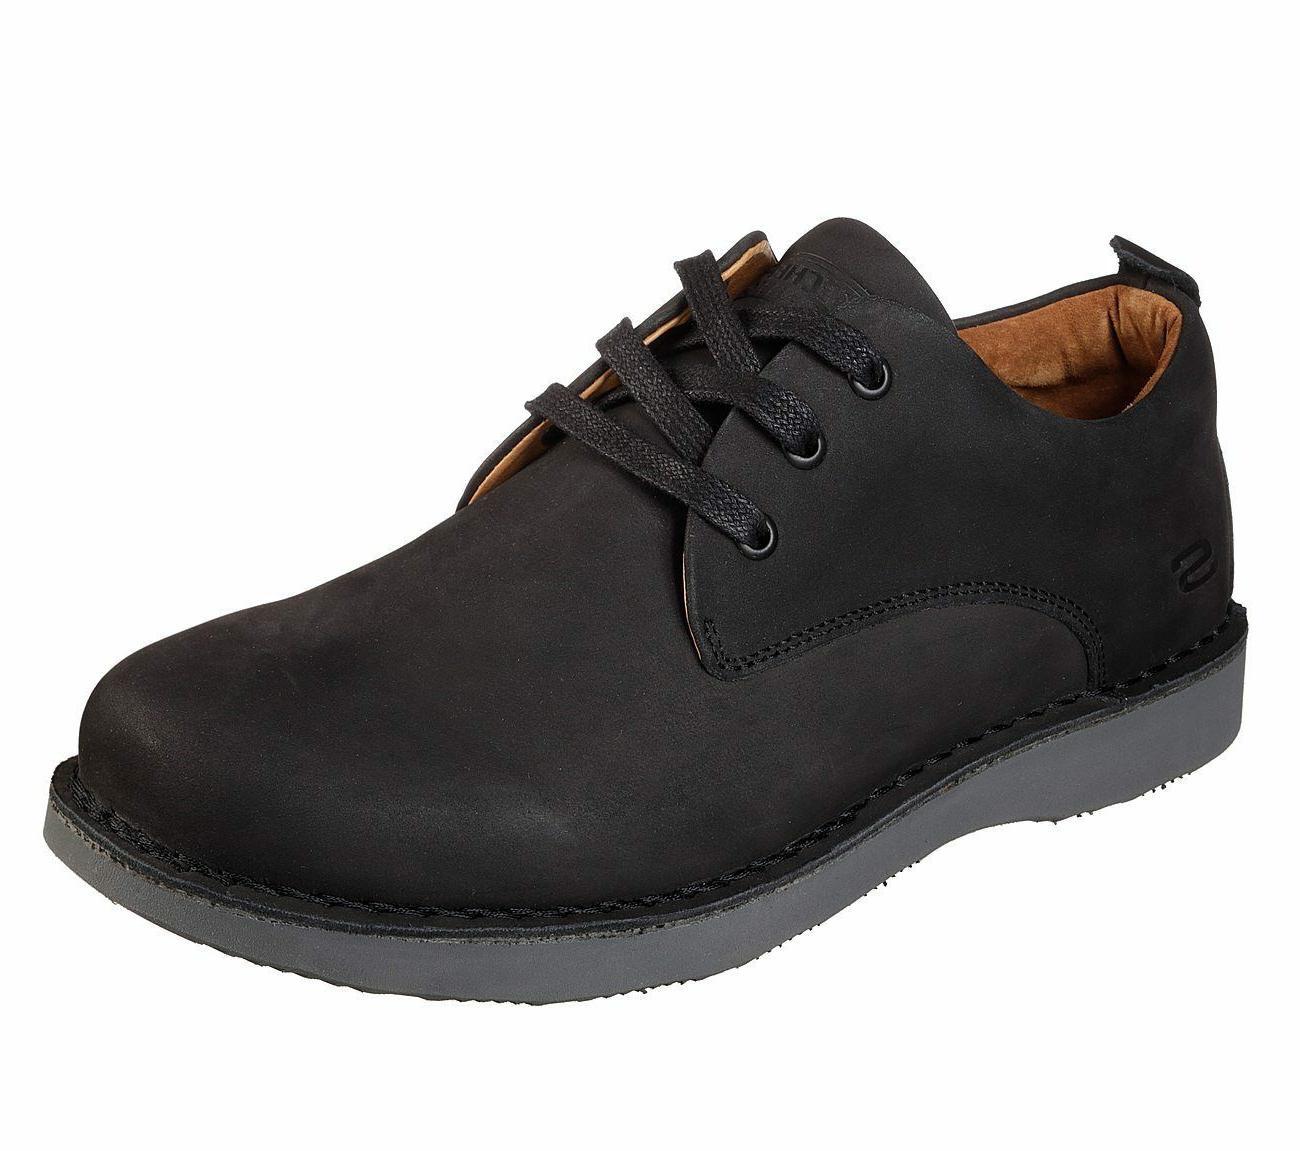 65307 bkgy black shoe men memory foam